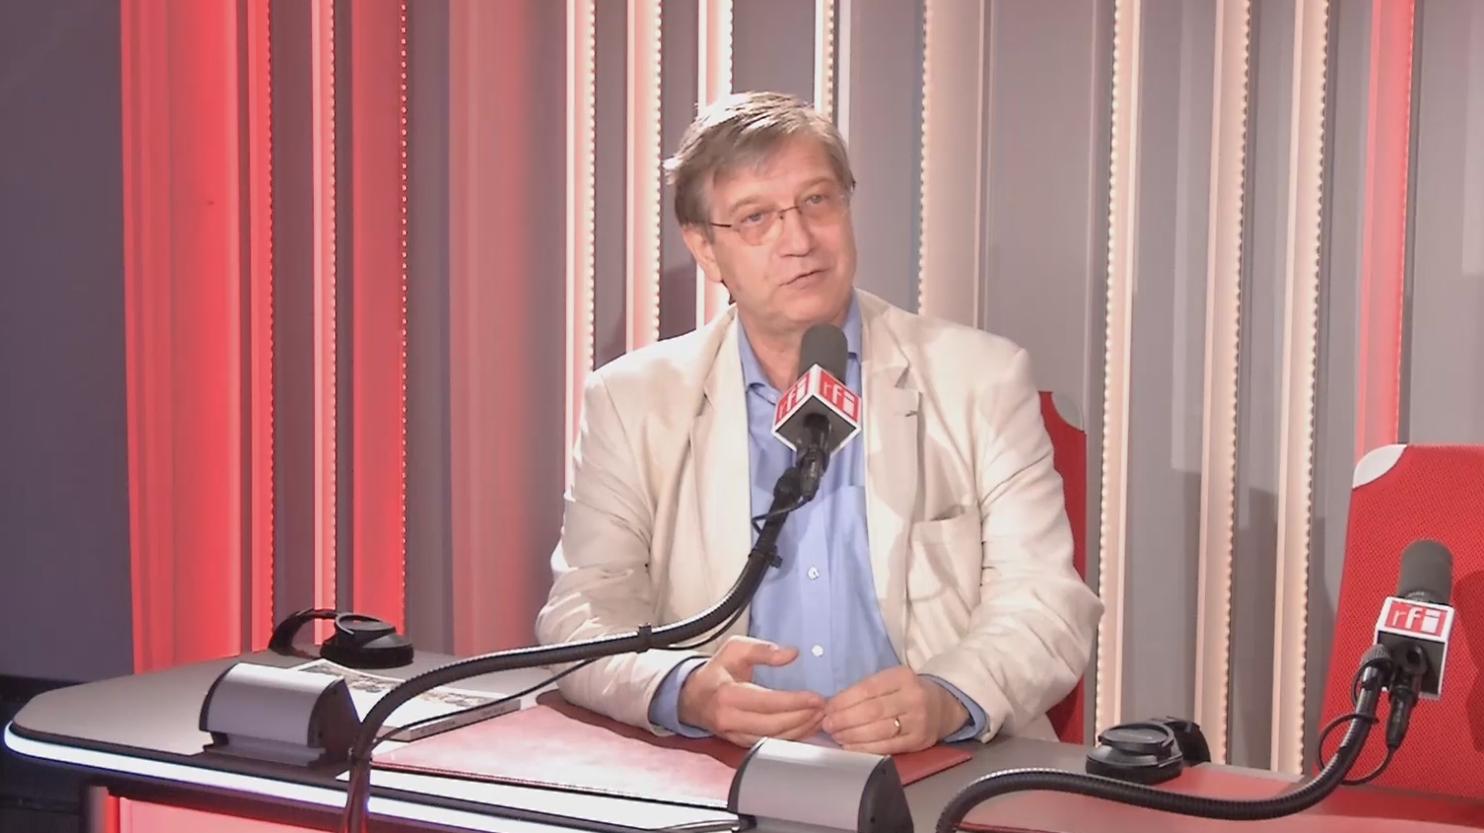 Olivier Da Lage journalist, author of Mr Singh's Rickshaw, interviewed by RFI, September 2019